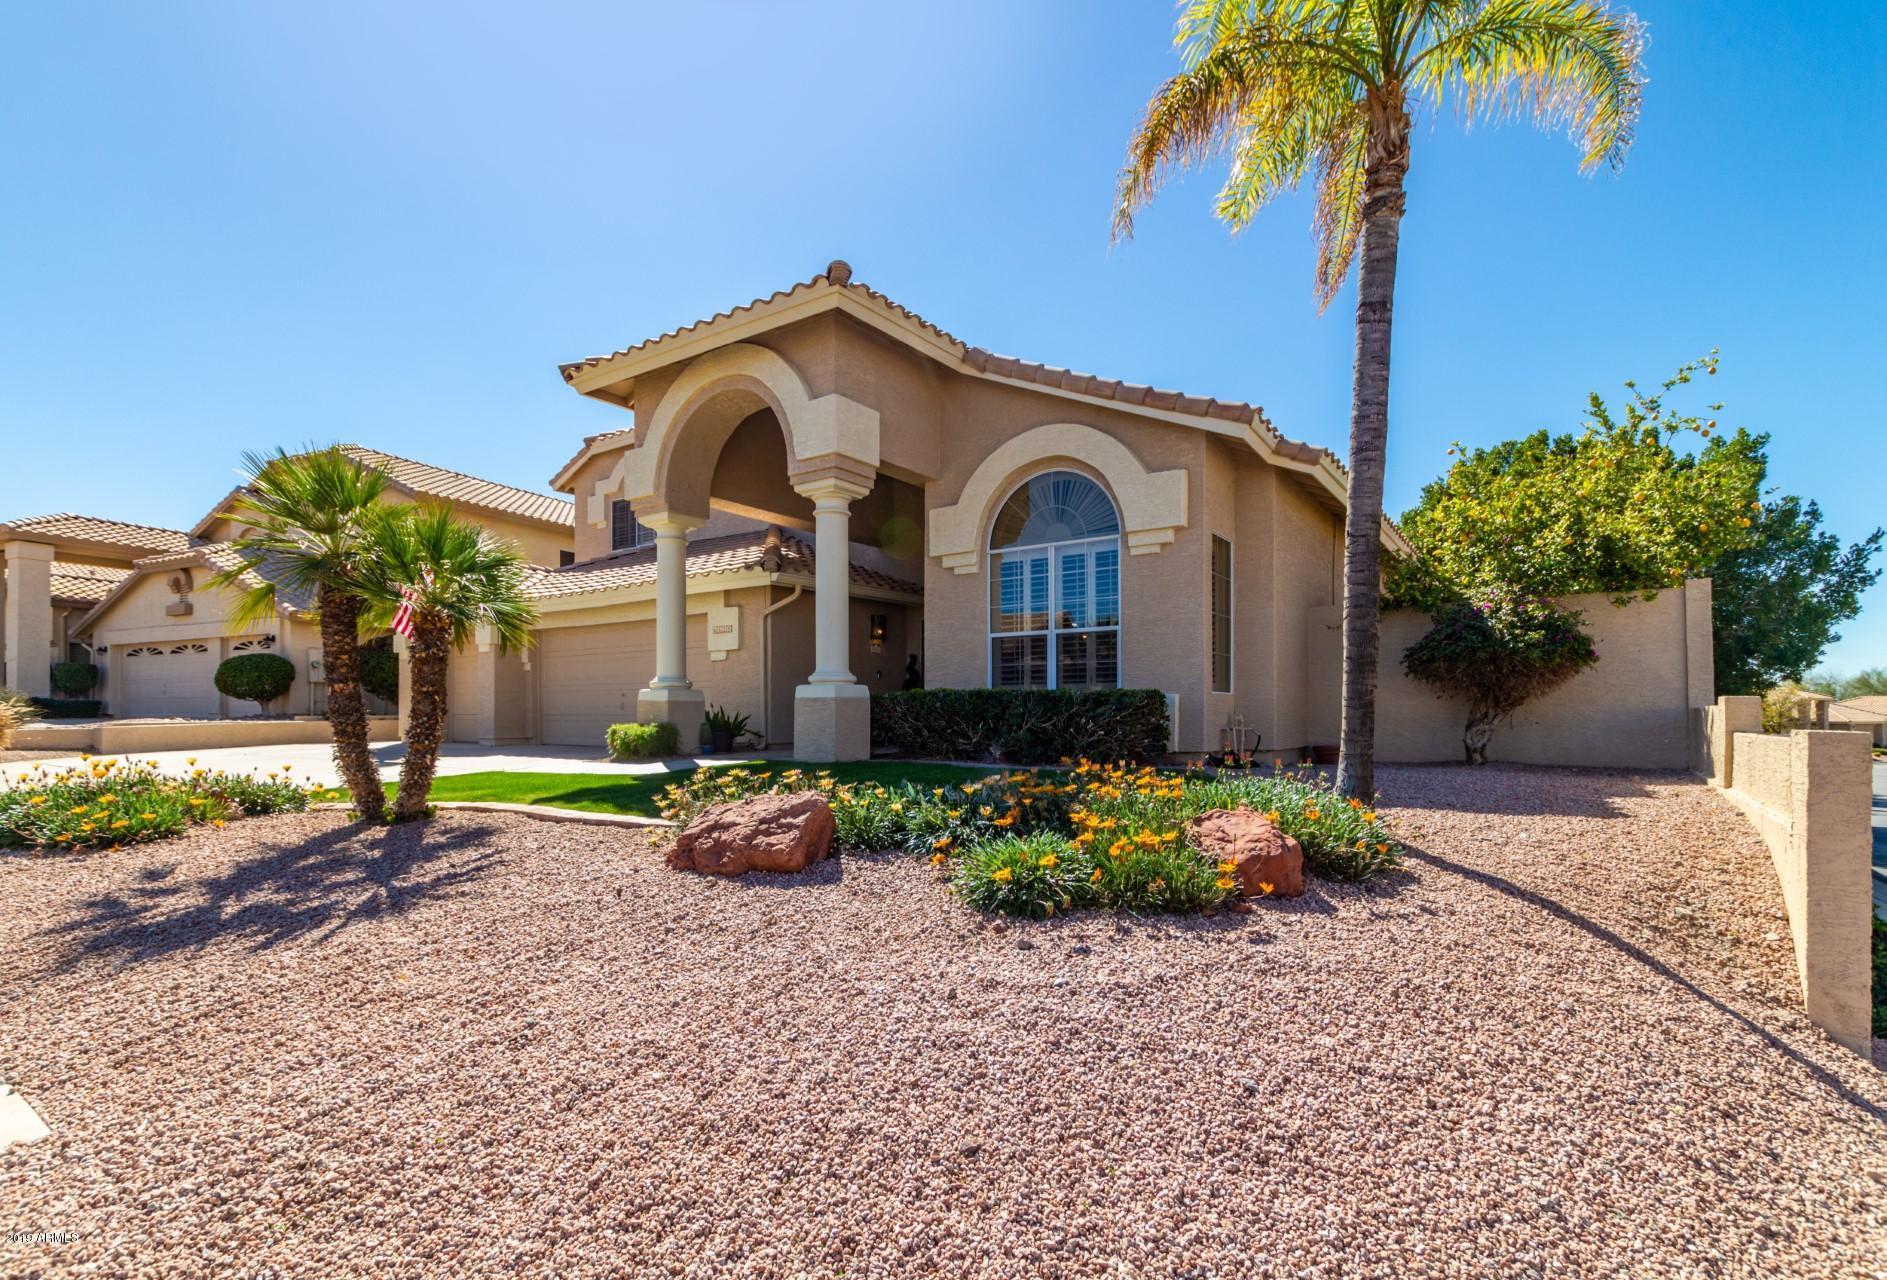 Photo of 6625 E VILLEROY Street, Mesa, AZ 85215